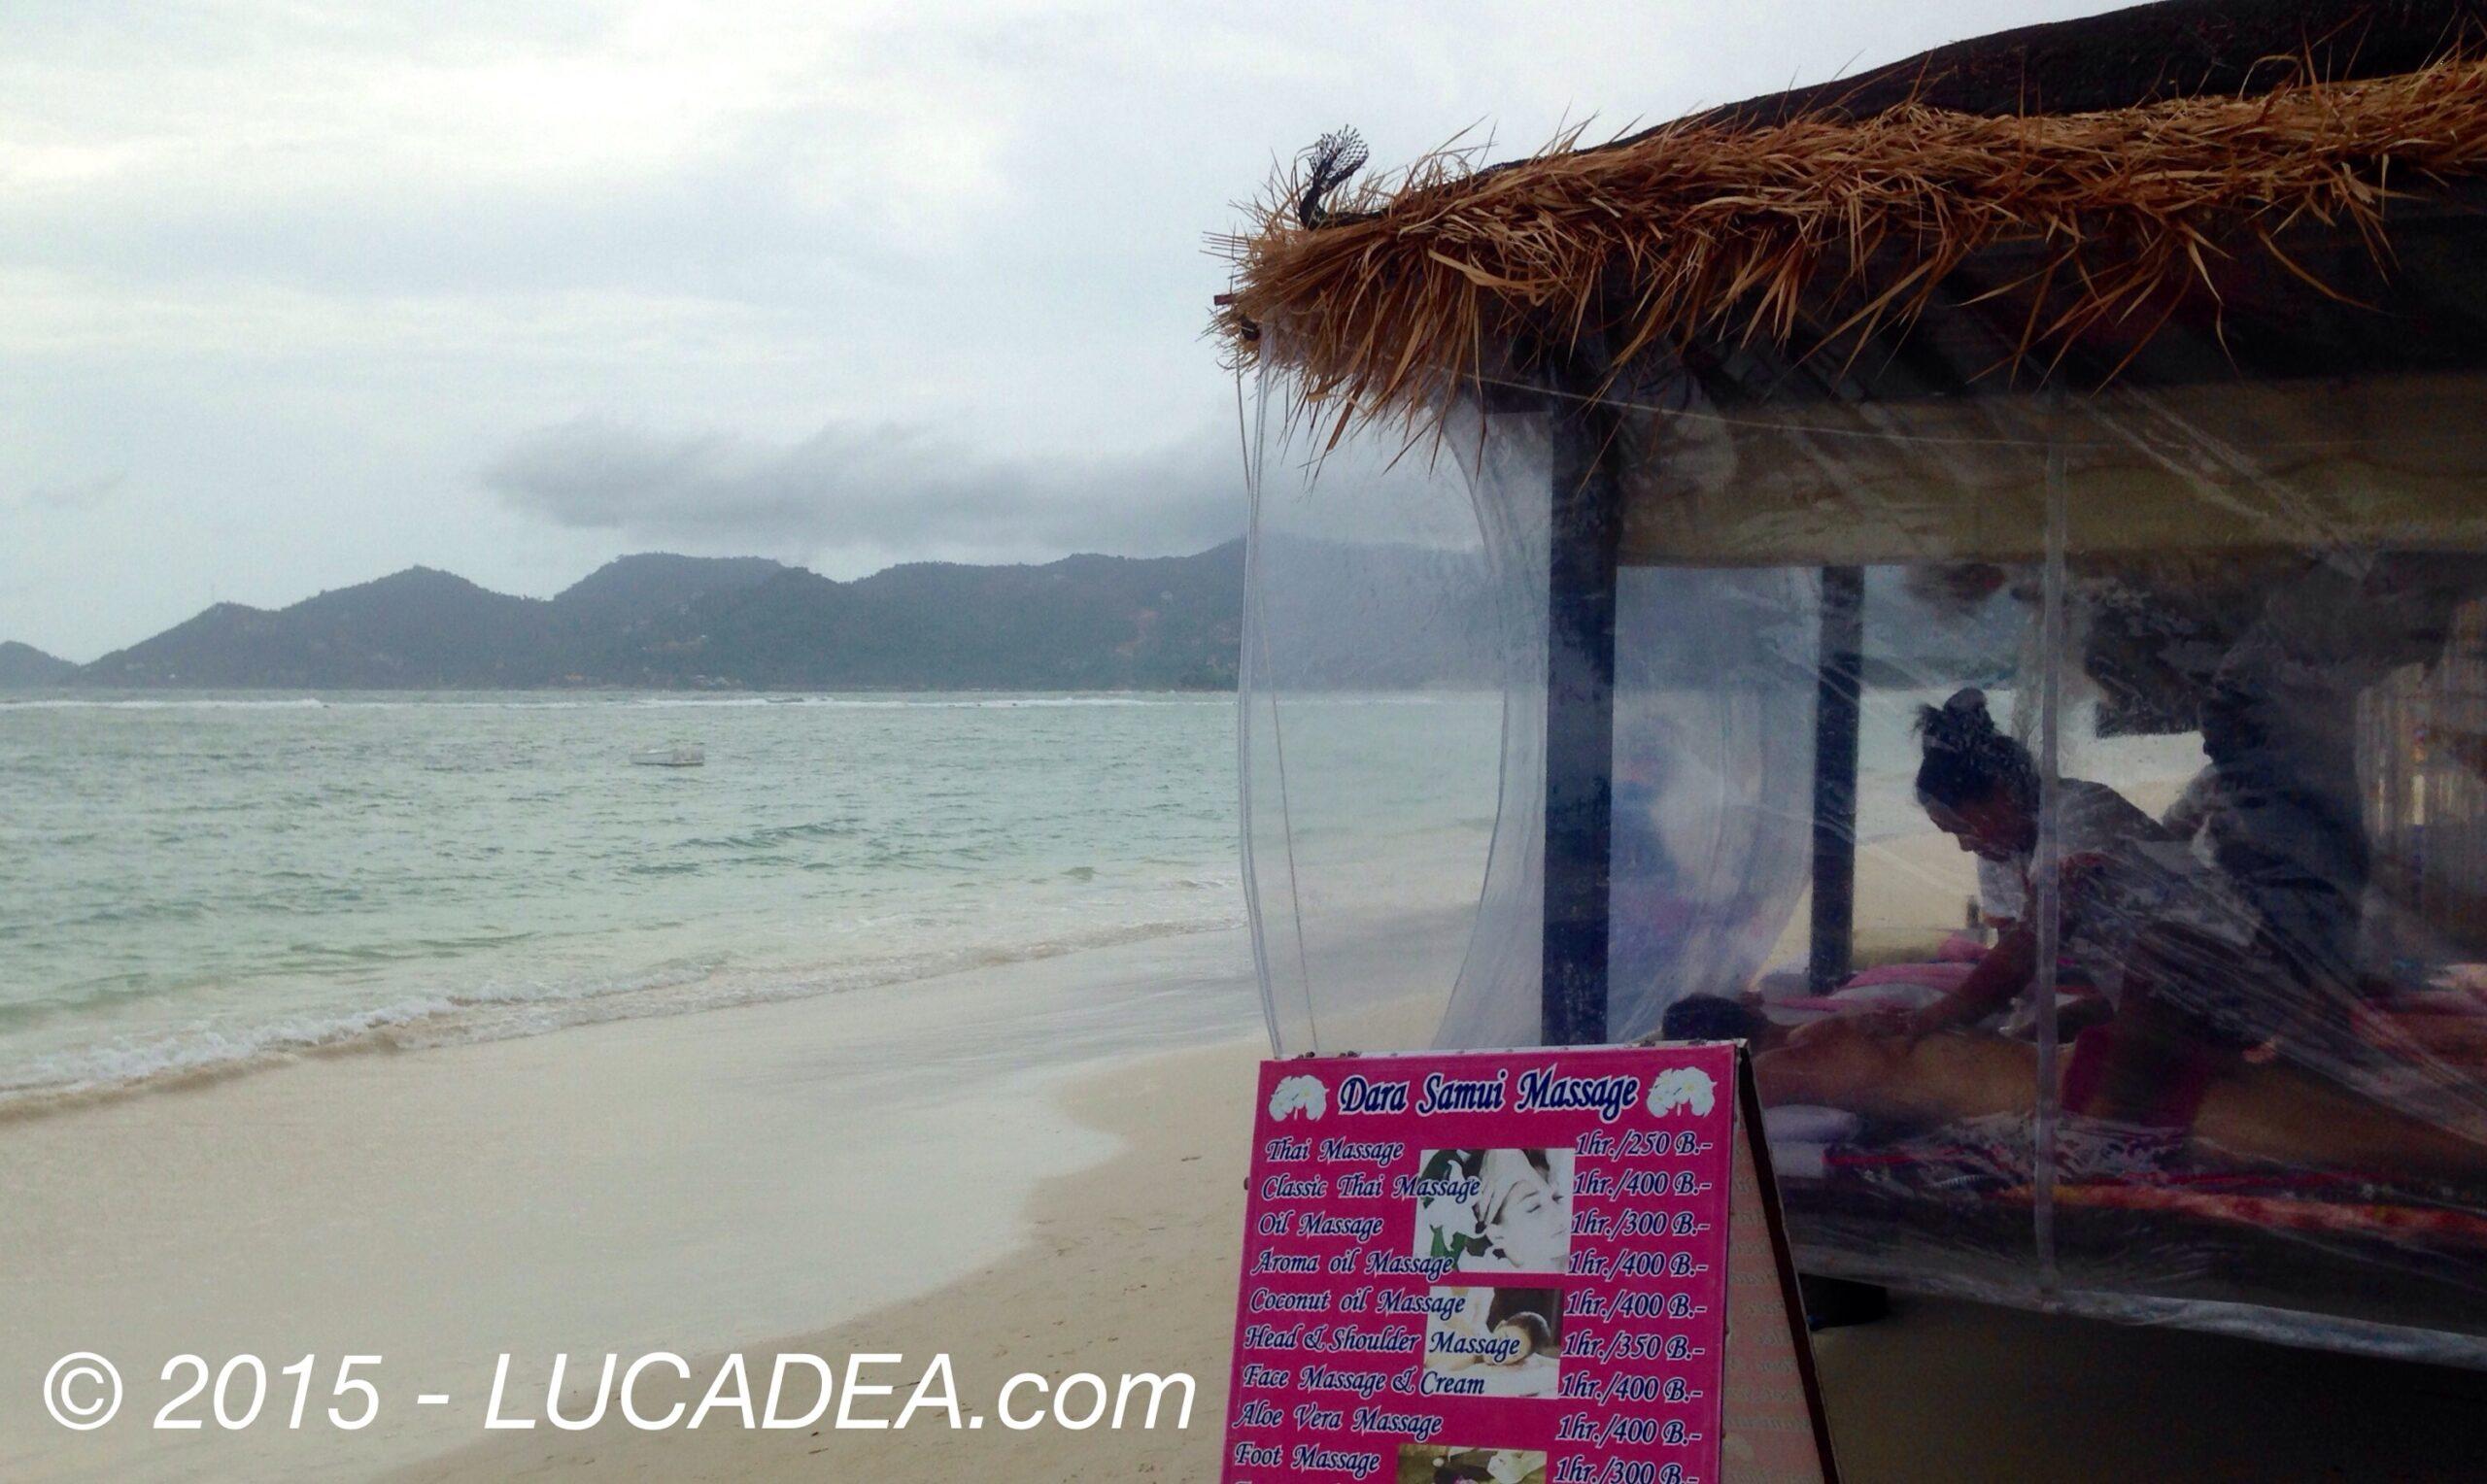 Massaggi in riva al mare